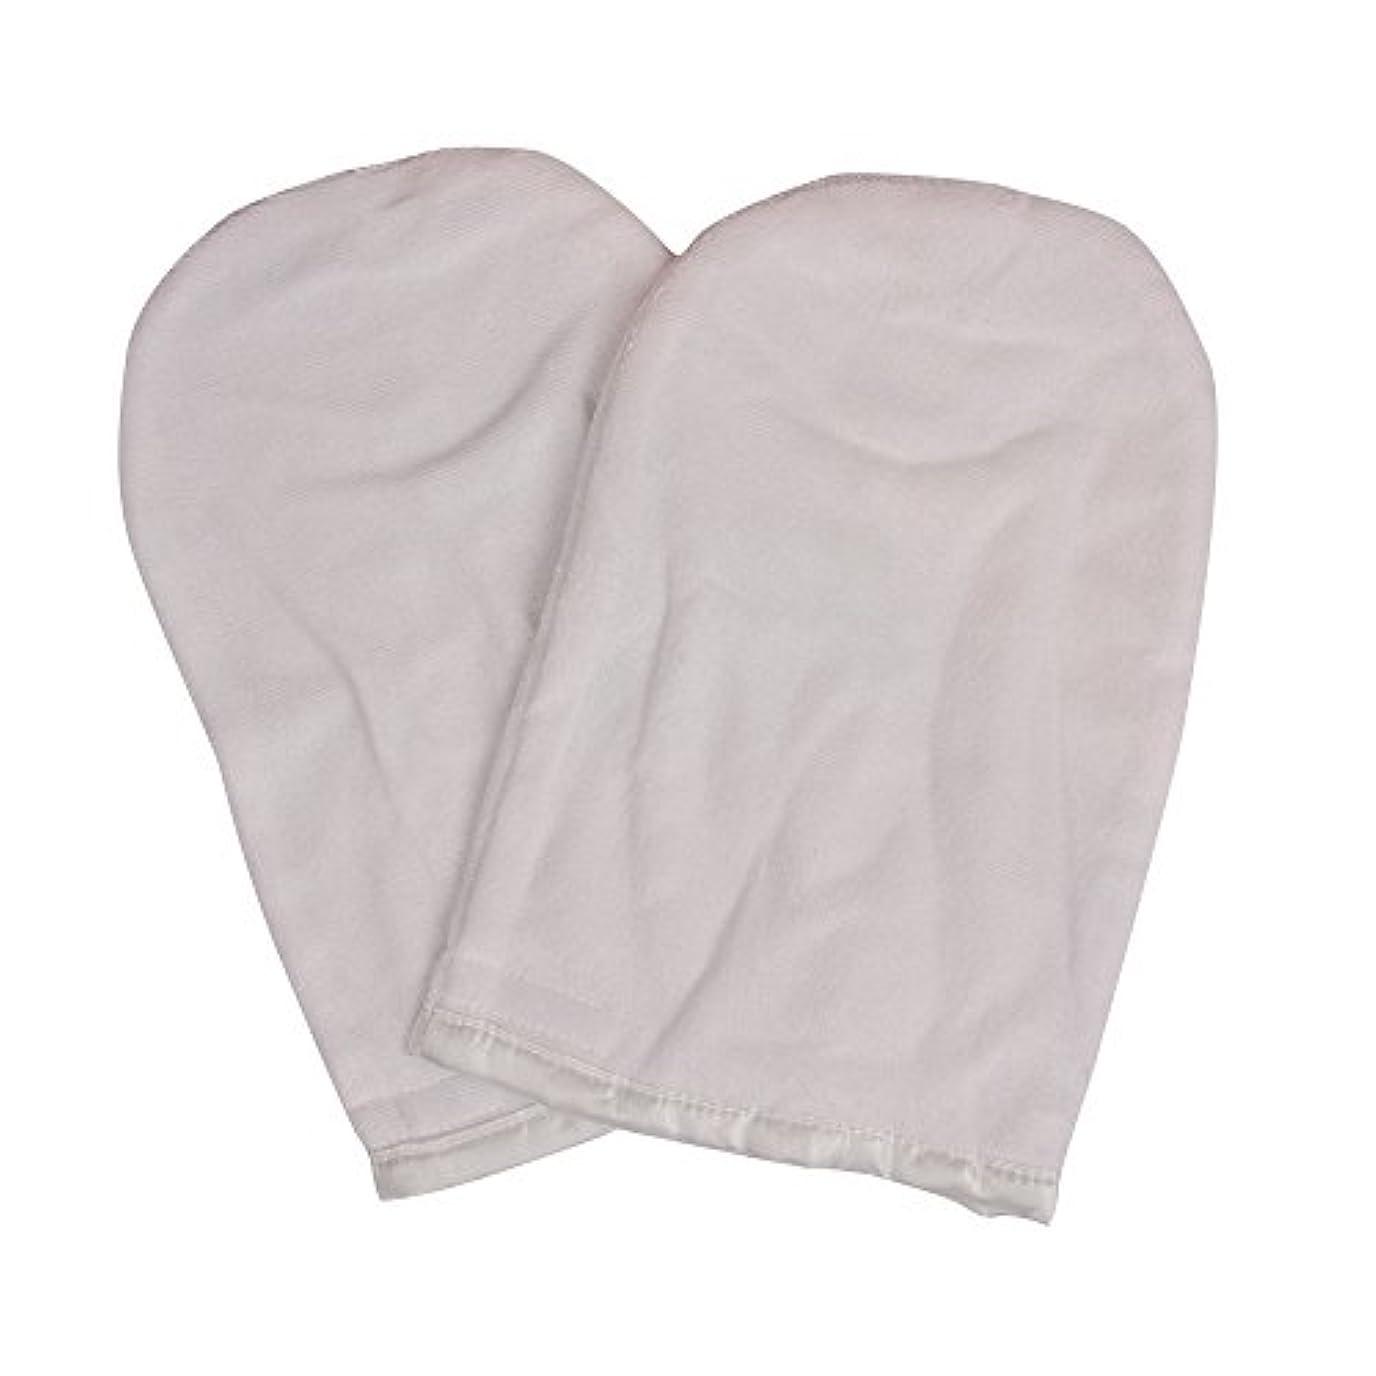 境界サラダ騒パラフィン用ハンドグローブ 全2色 (ホワイト) パラフィンパック パラフィン ハンド グローブ (ハンド用)